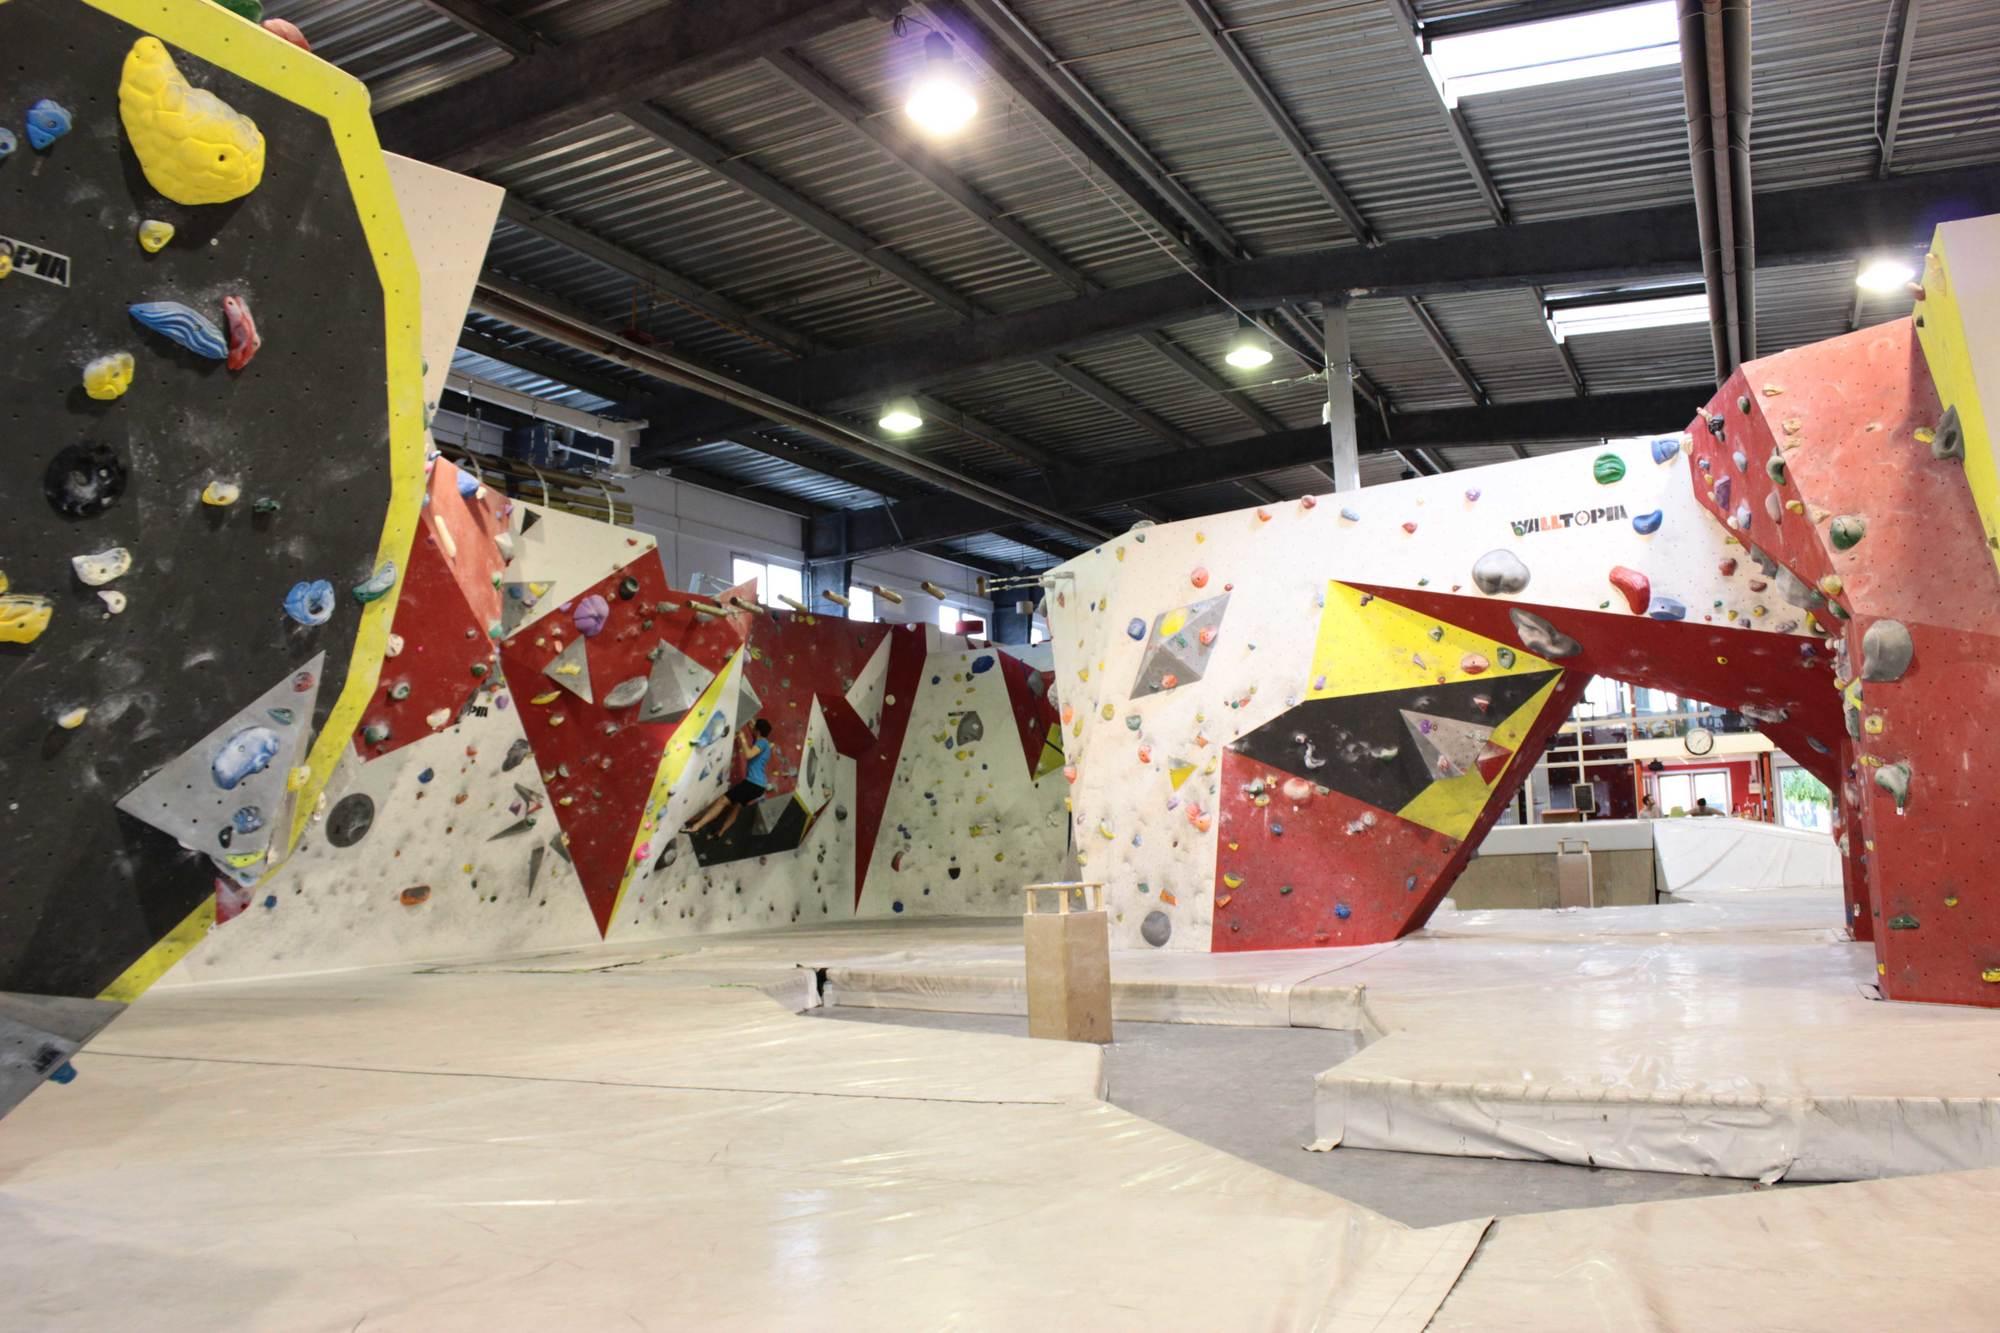 Une entrée pour un adulte au centre sportif d'escalade Hardbloc (1150m2) - Alfortville (94)